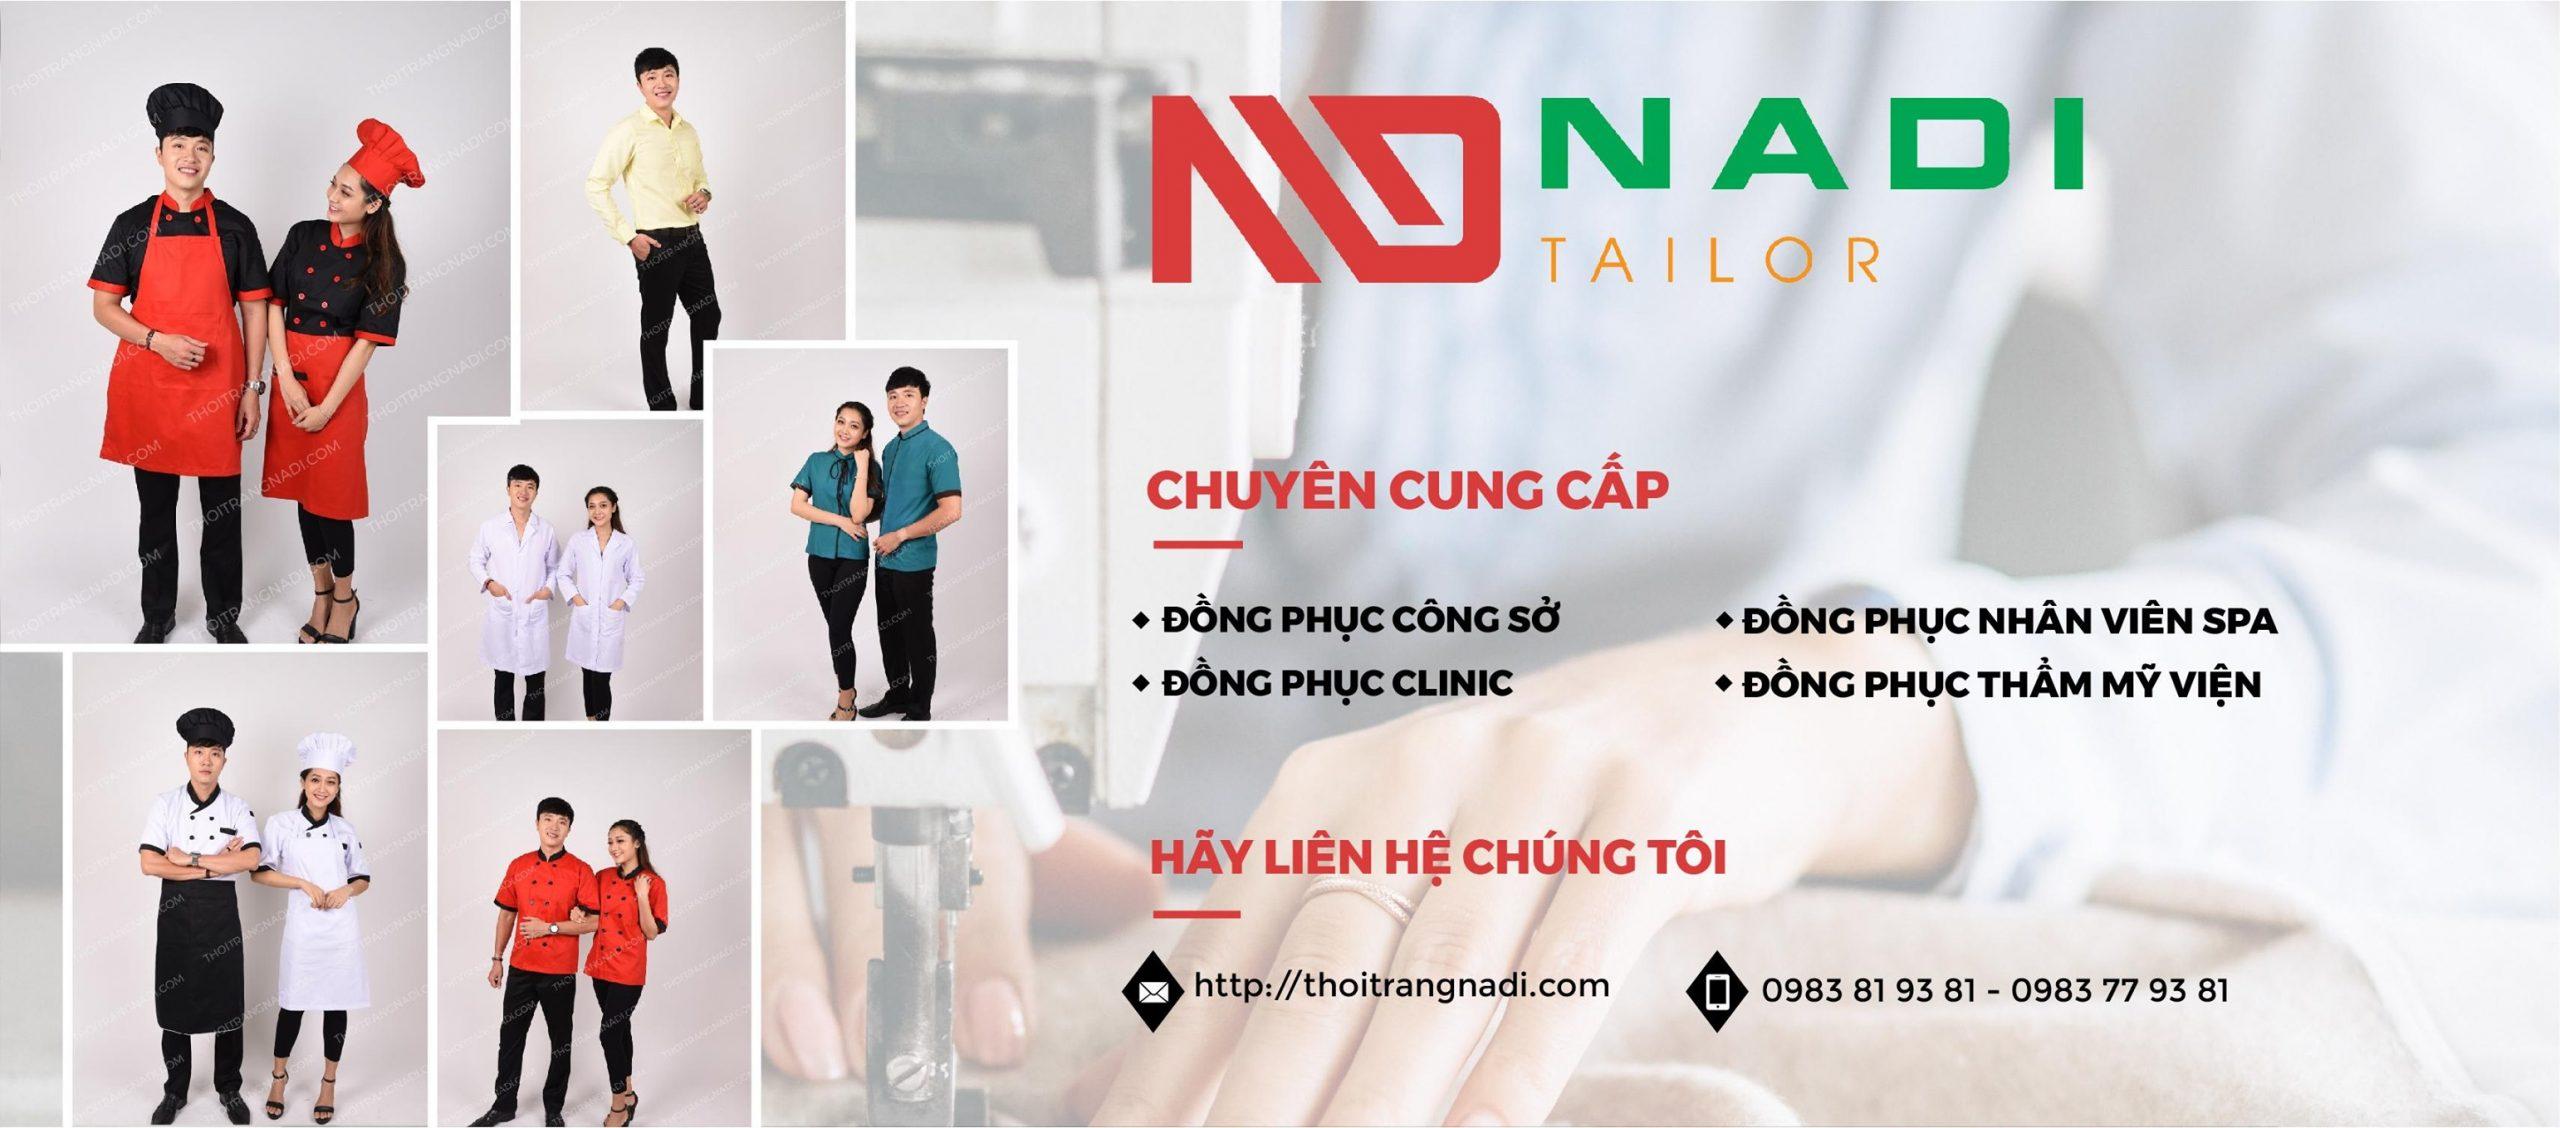 Với 99% khách hàng phản hồi tốt về chất lượng sản phẩm của Nadi. Chúng tôi là đơn vị cung cấp đồng phục có giá thành hợp lí và đáp ứng nhanh nhất hiện nay